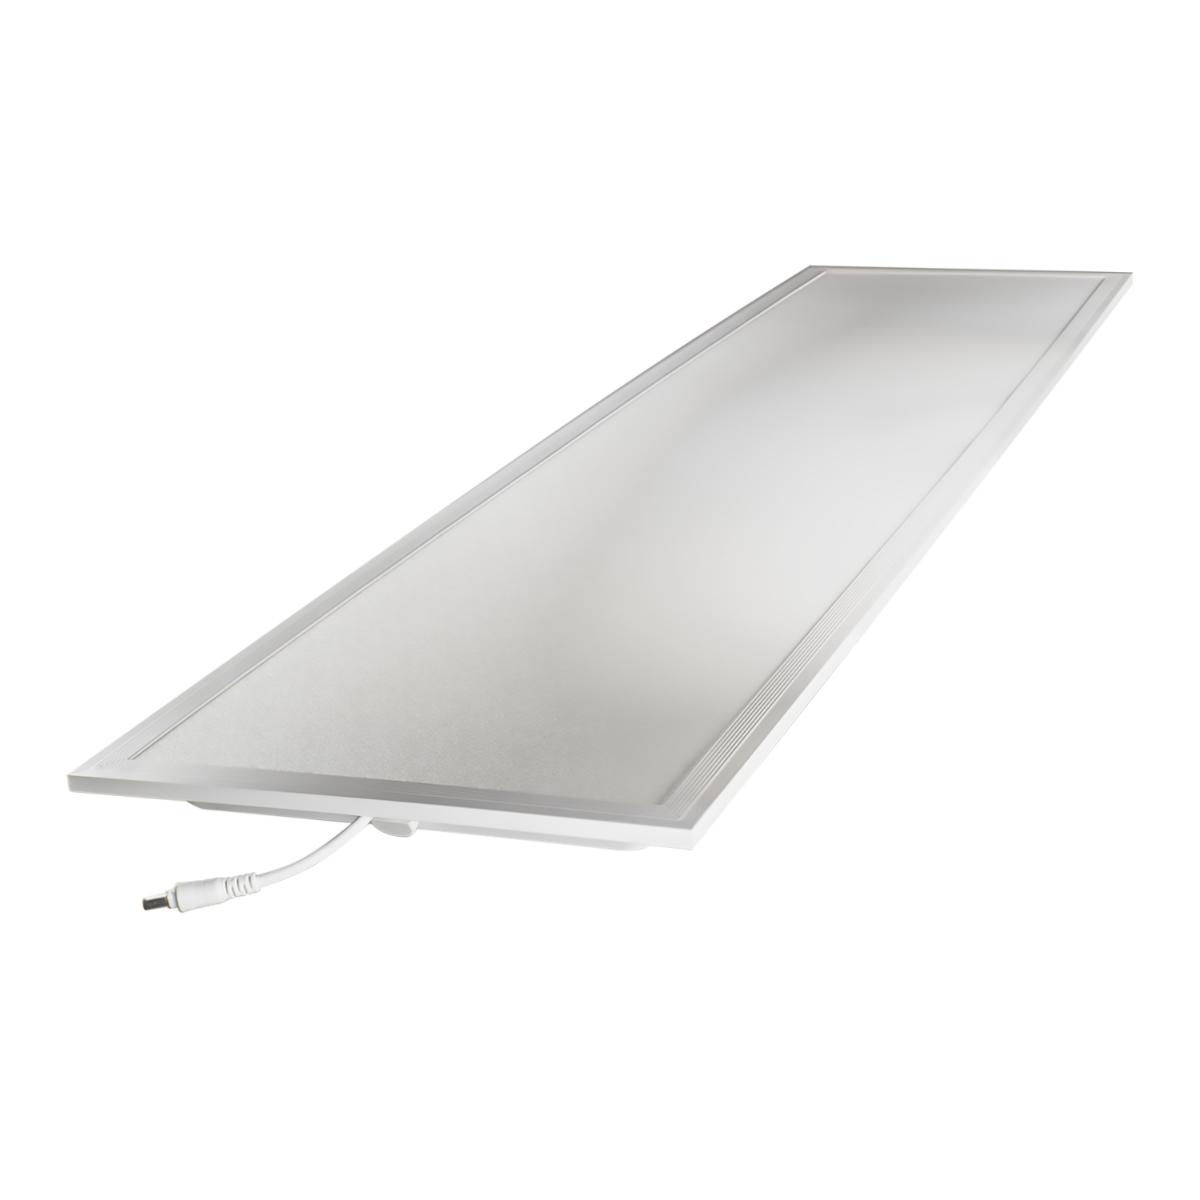 Noxion LED panel Econox 32W 30x120cm 3000K 3900lm UGR <22 | varm hvit - erstatter 2x36W